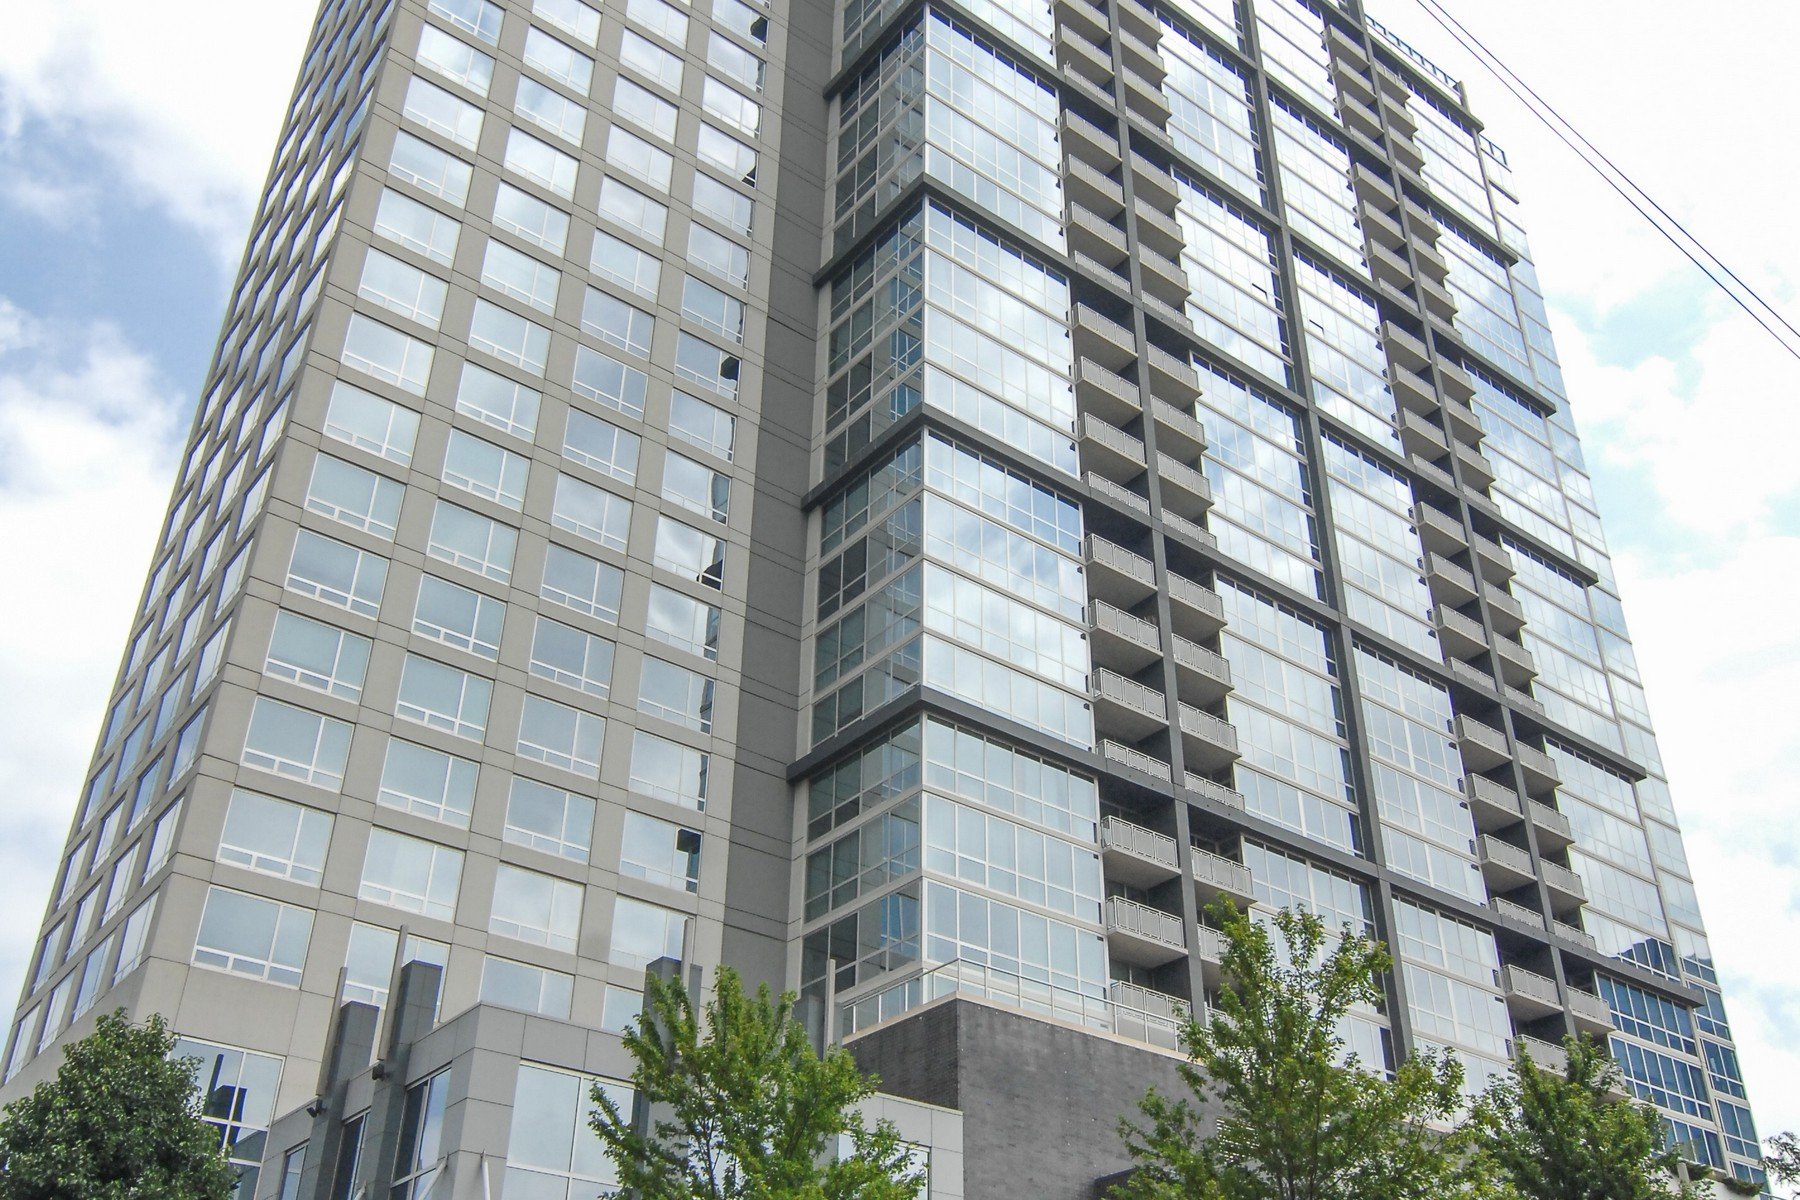 コンドミニアム のために 売買 アット Prime Luxury Condo 1901 S Calumet Avenue Unit 2007 Chicago, イリノイ, 60616 アメリカ合衆国